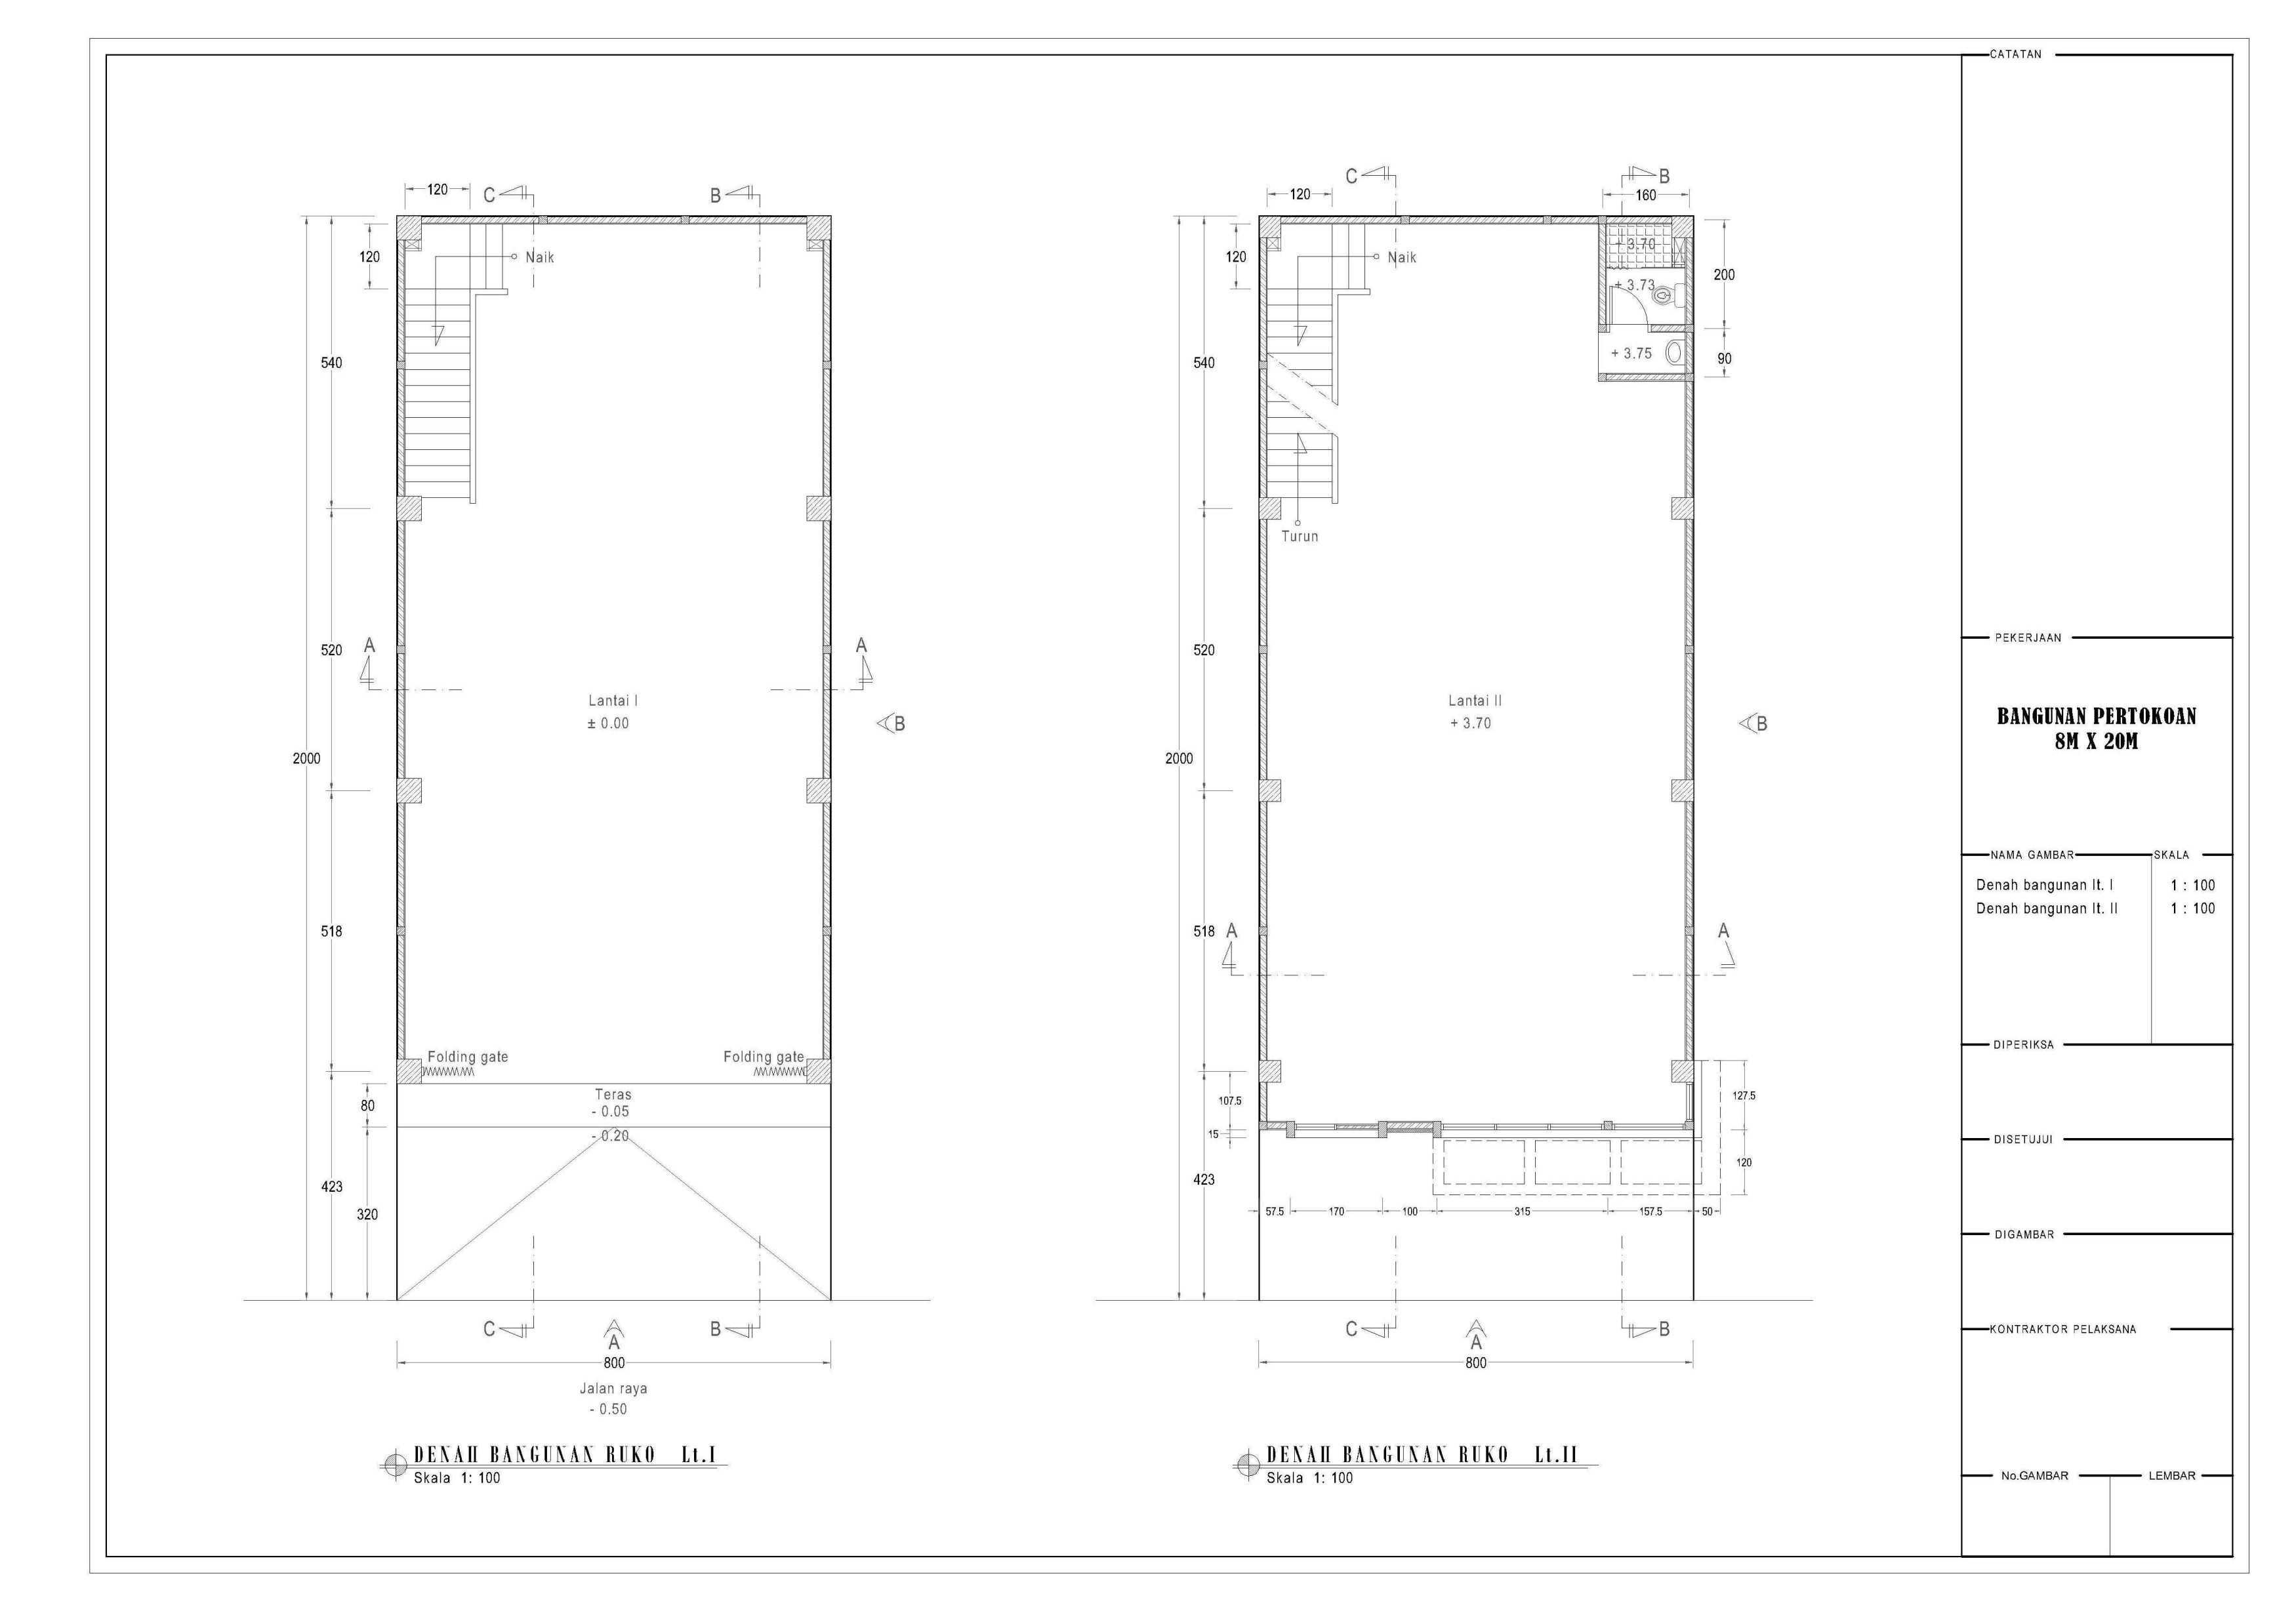 Arsein_Design Bangunan Ruko 3Lt Semarang, Kota Semarang, Jawa Tengah, Indonesia Semarang, Kota Semarang, Jawa Tengah, Indonesia Arseindesign-Bangunan-Rukoo-3Lt   82477